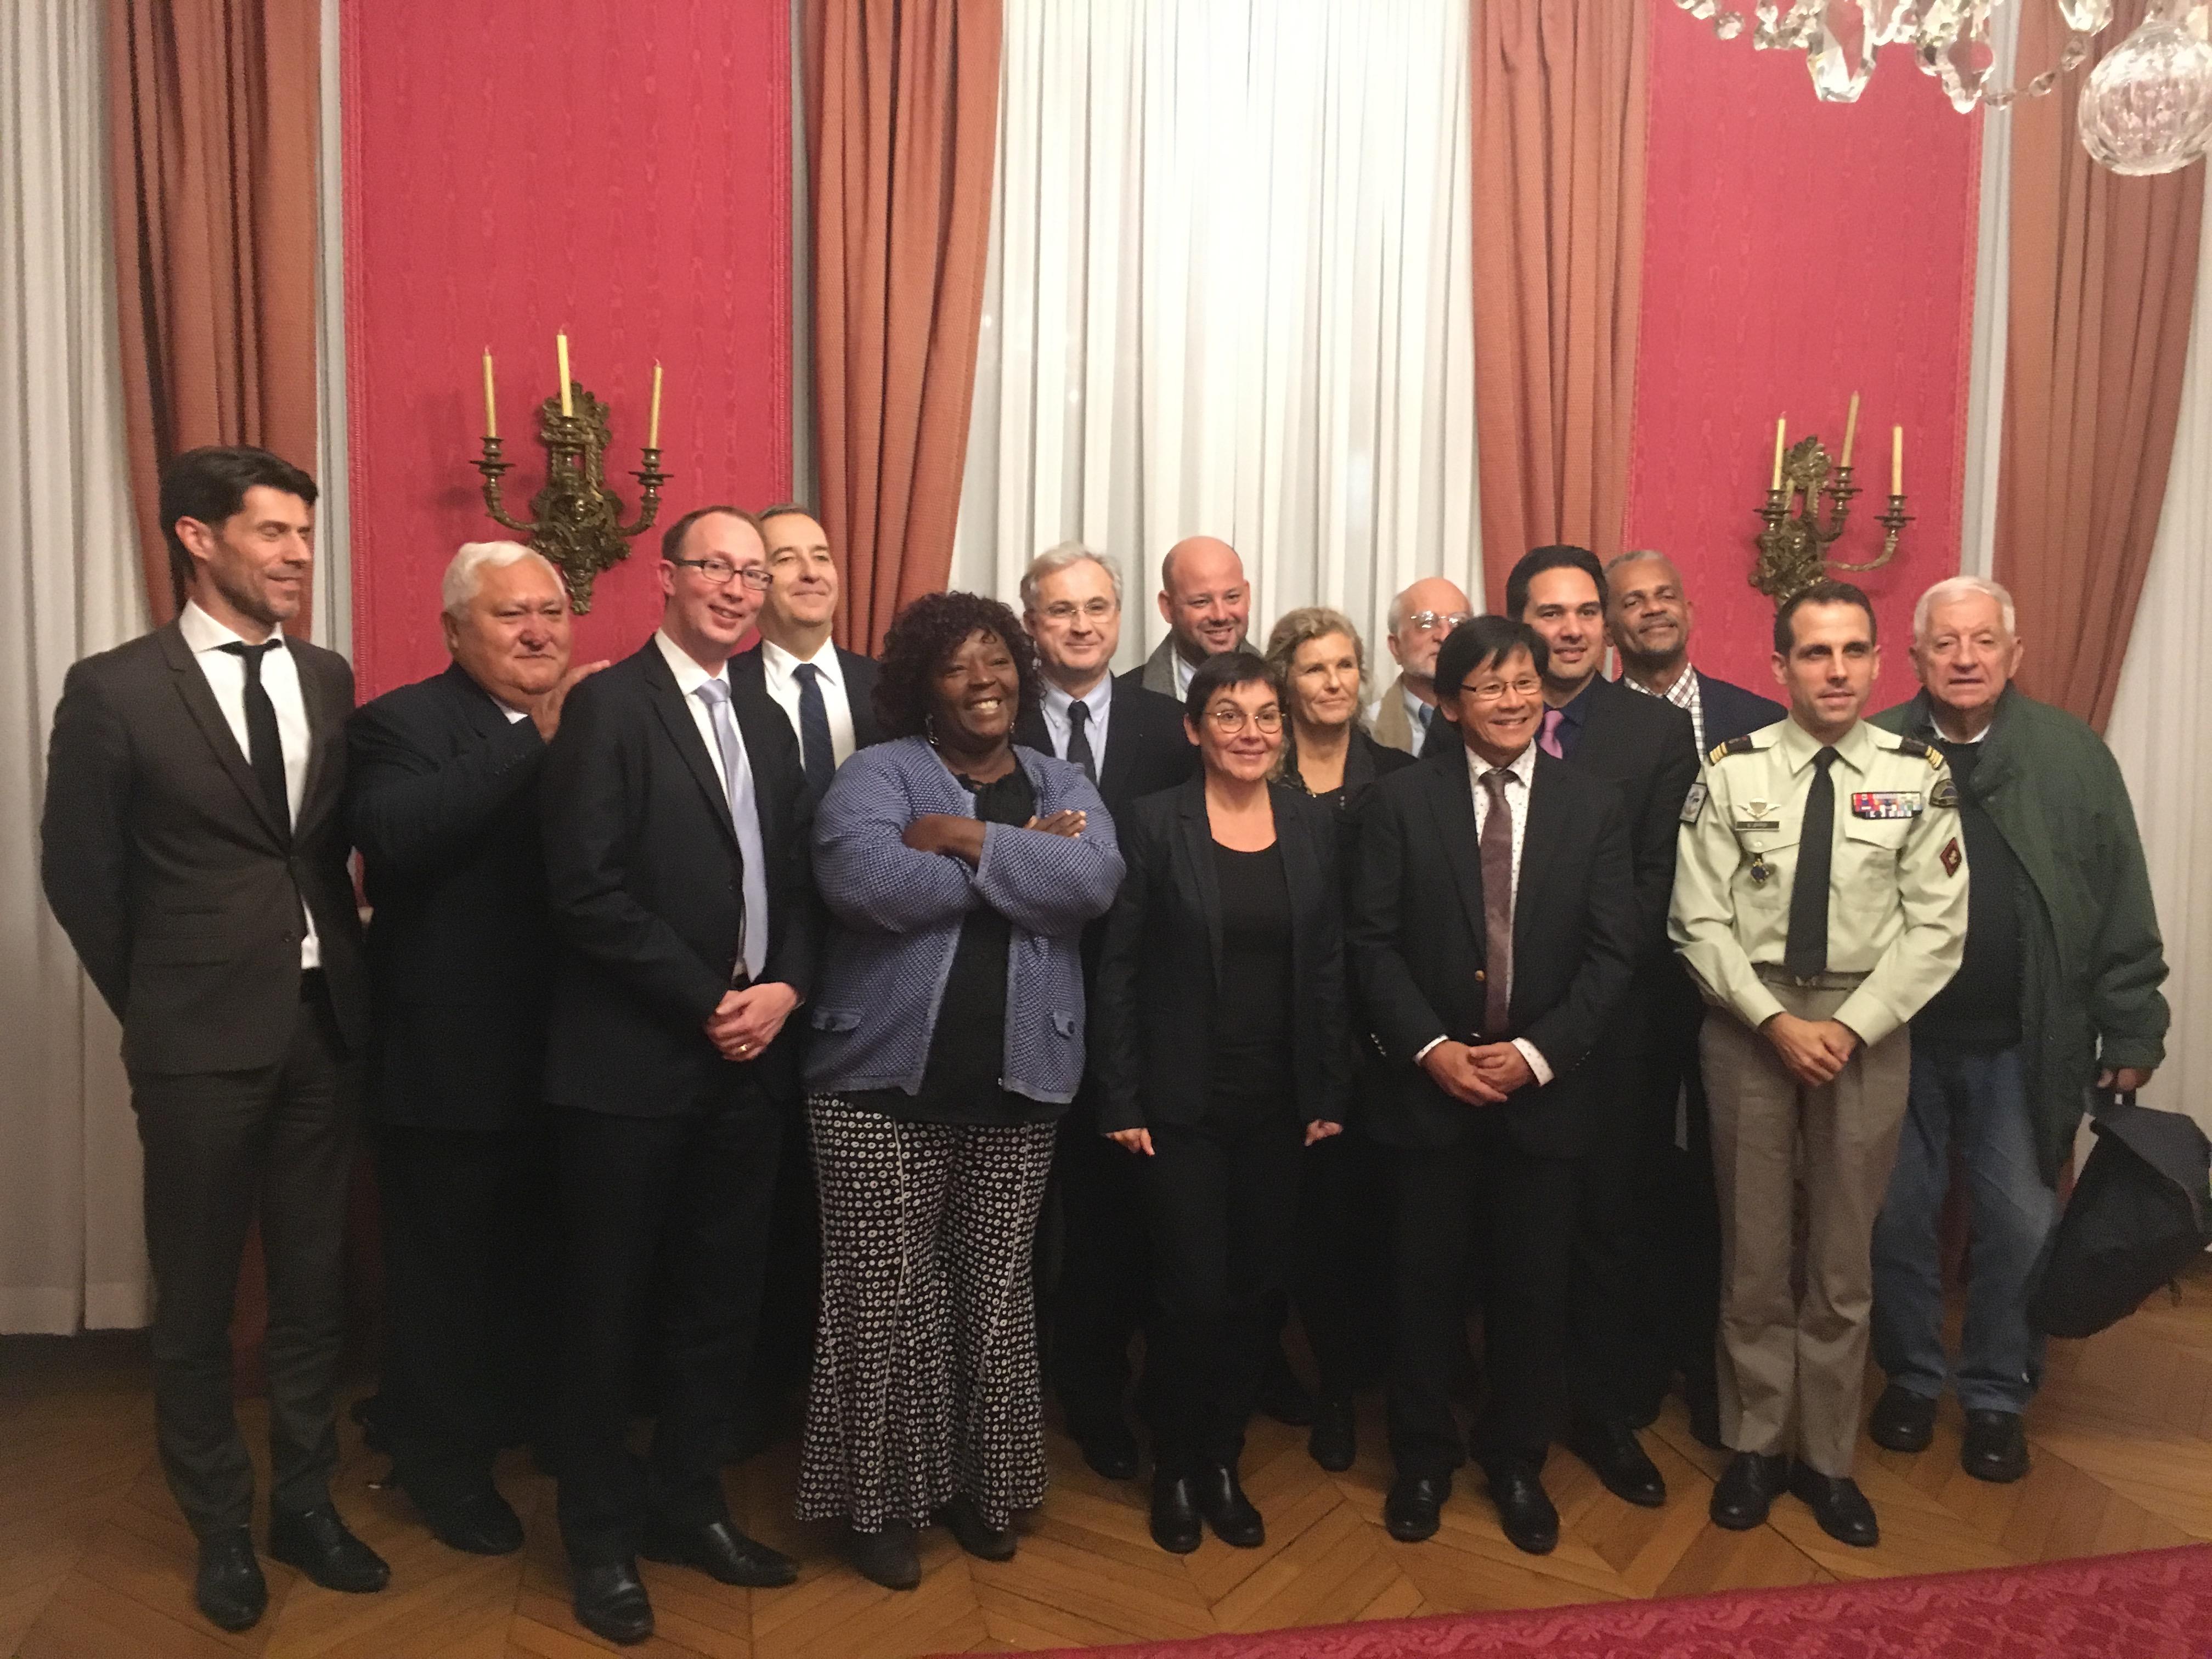 Clôture de la réunion annuelle du Comite France maritime en décembre 2019 ©DR